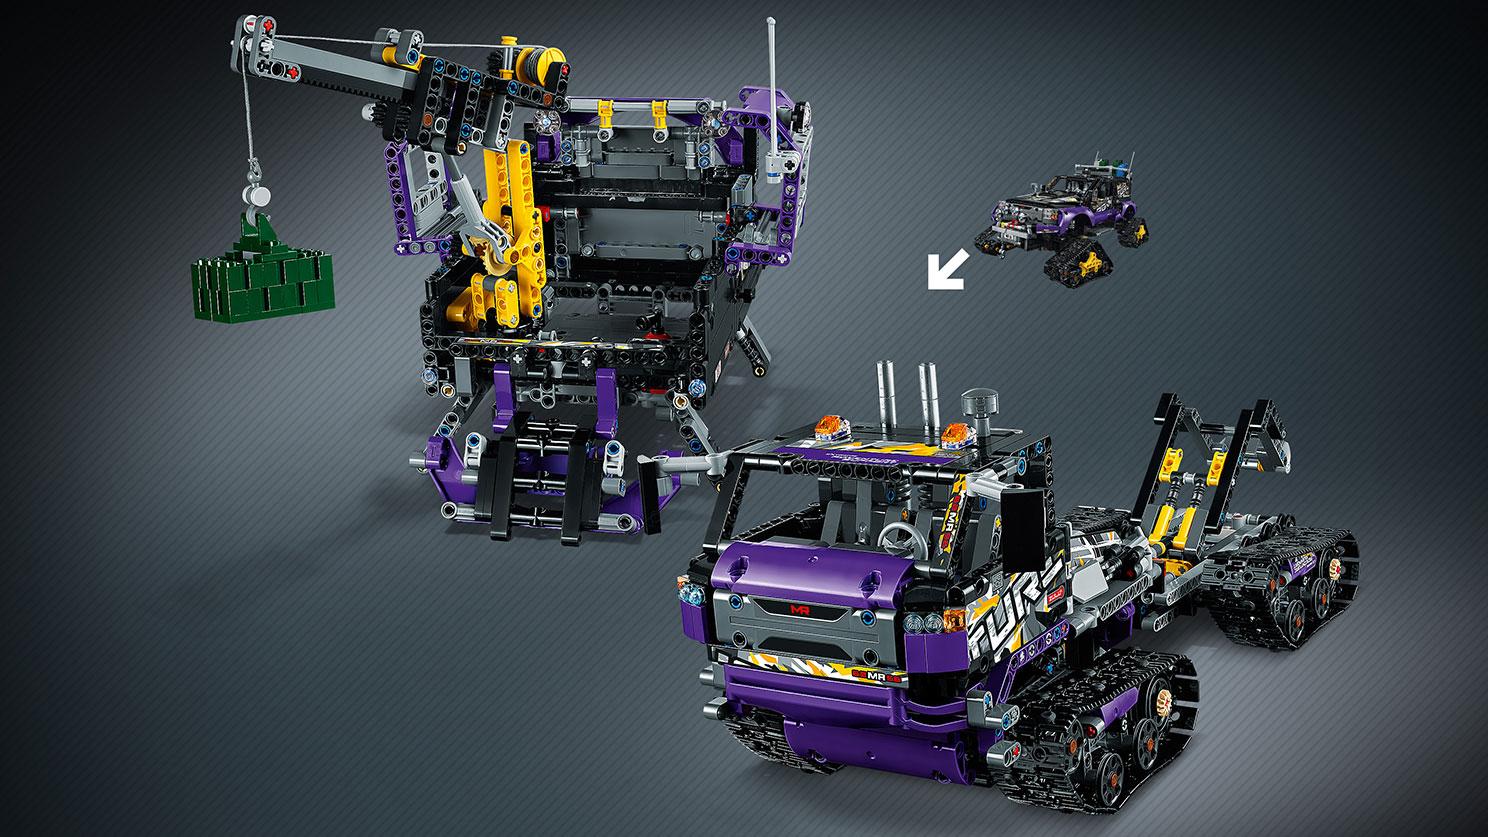 LEGO_42069_WEB_SEC02_1488